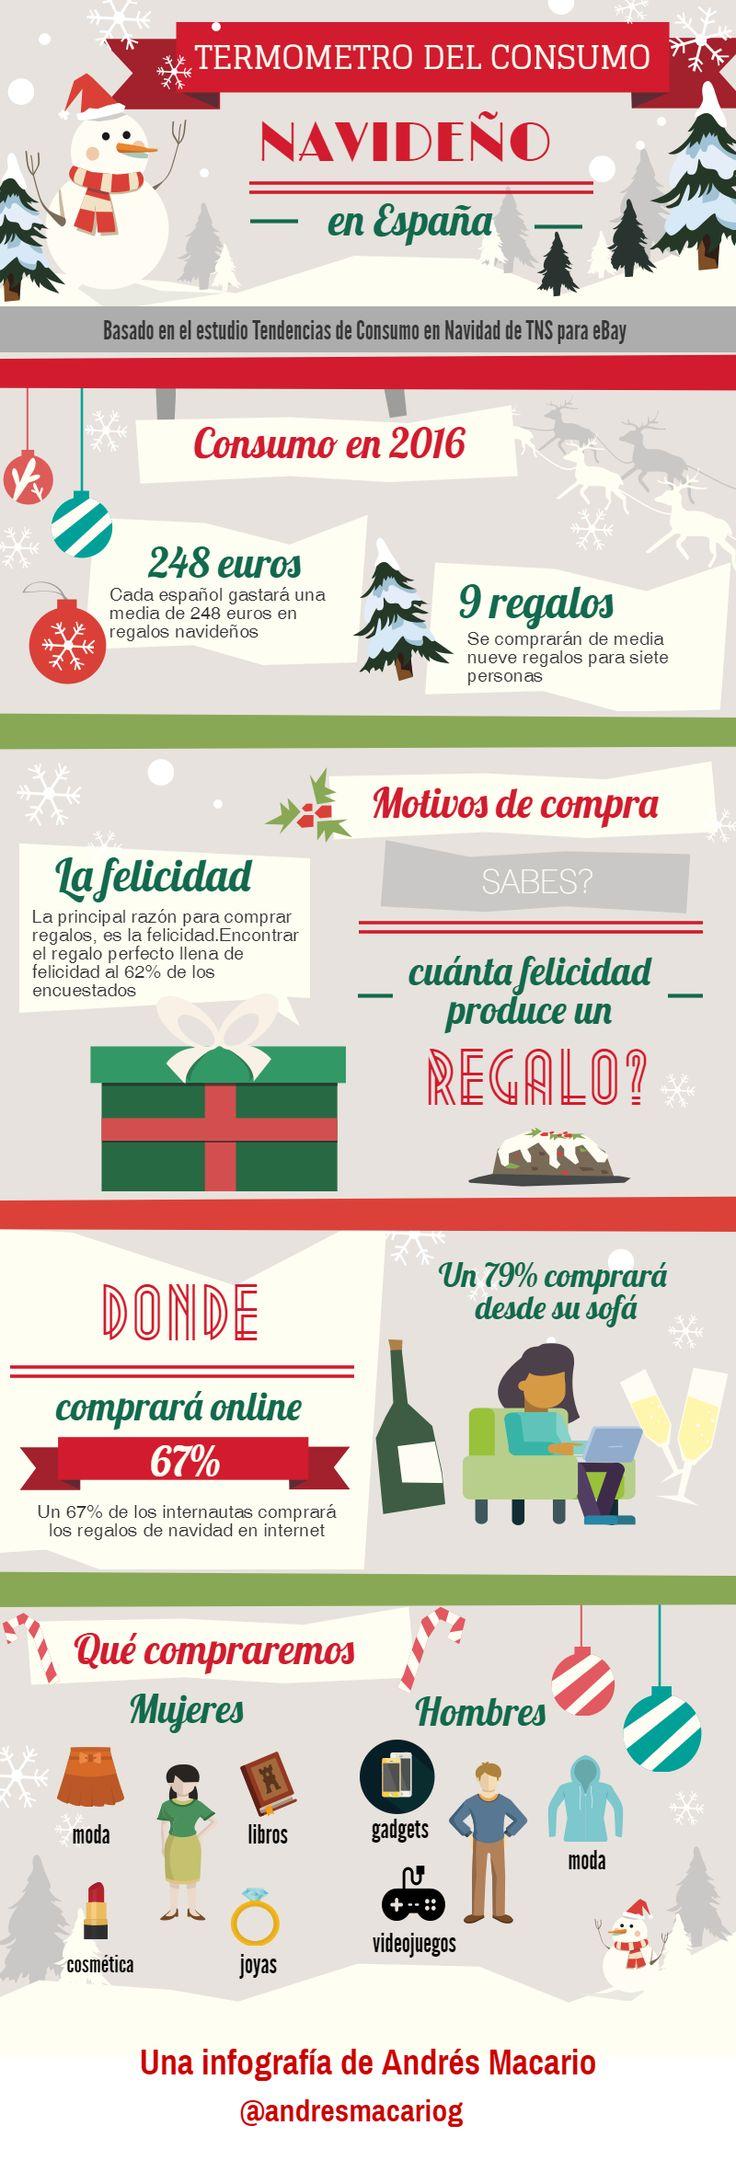 Termómetro del consumo navideño en España #infografia